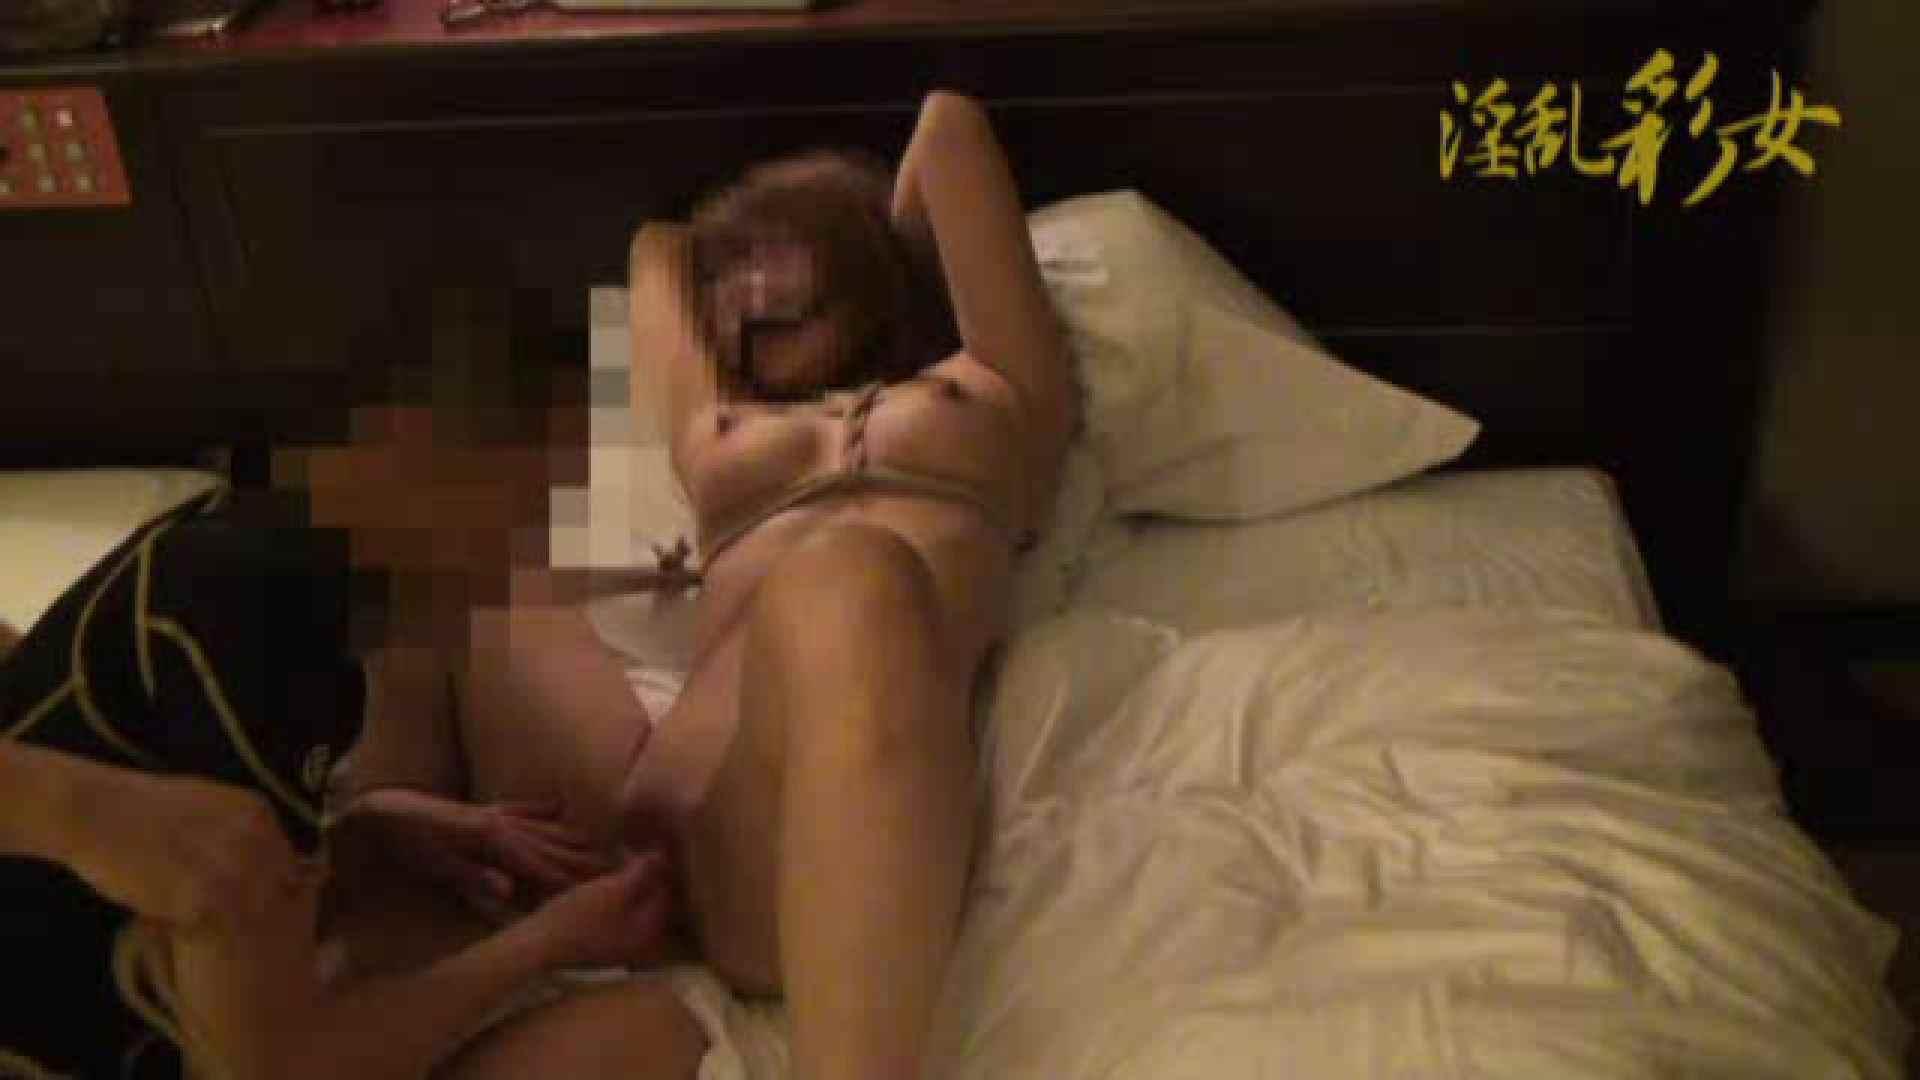 淫乱彩女麻優里 オフ会vol.2 淫乱 | 緊縛  97PIX 79